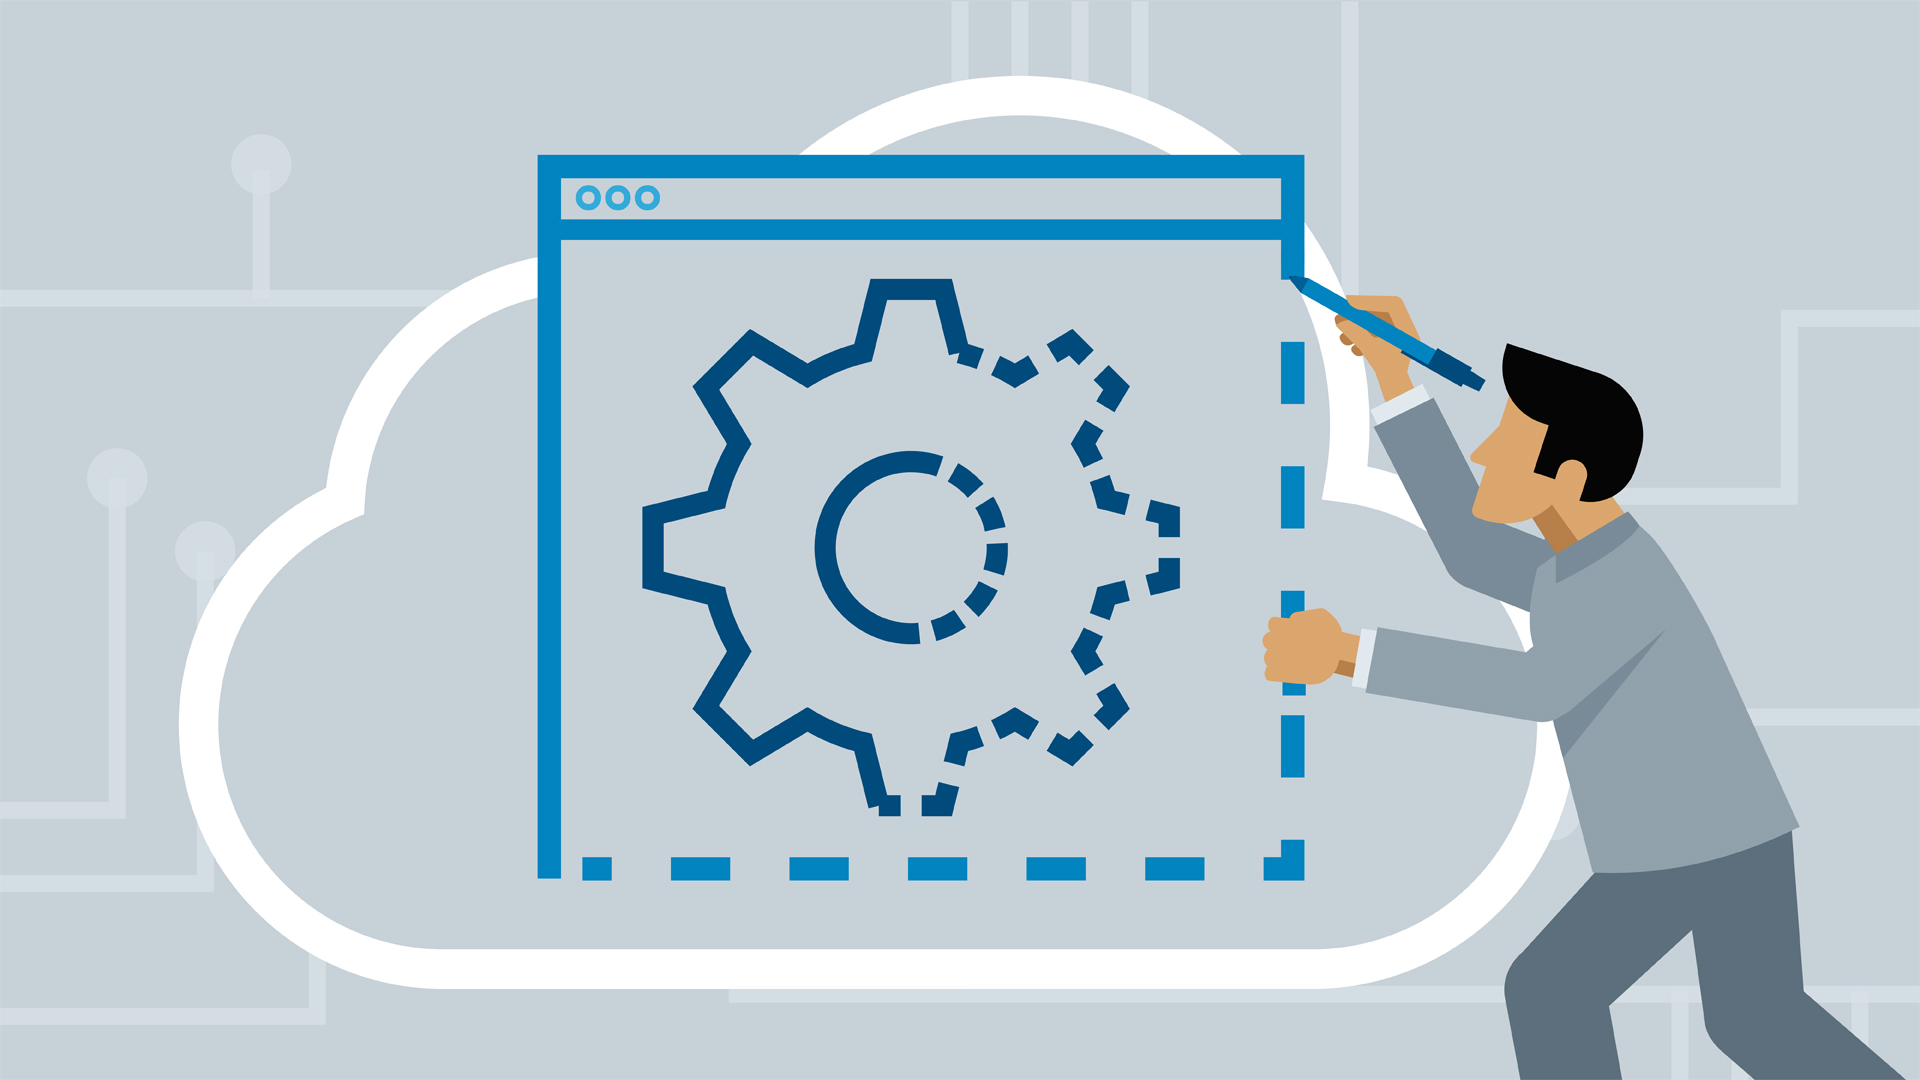 Build naïve Docker image for Go microservice